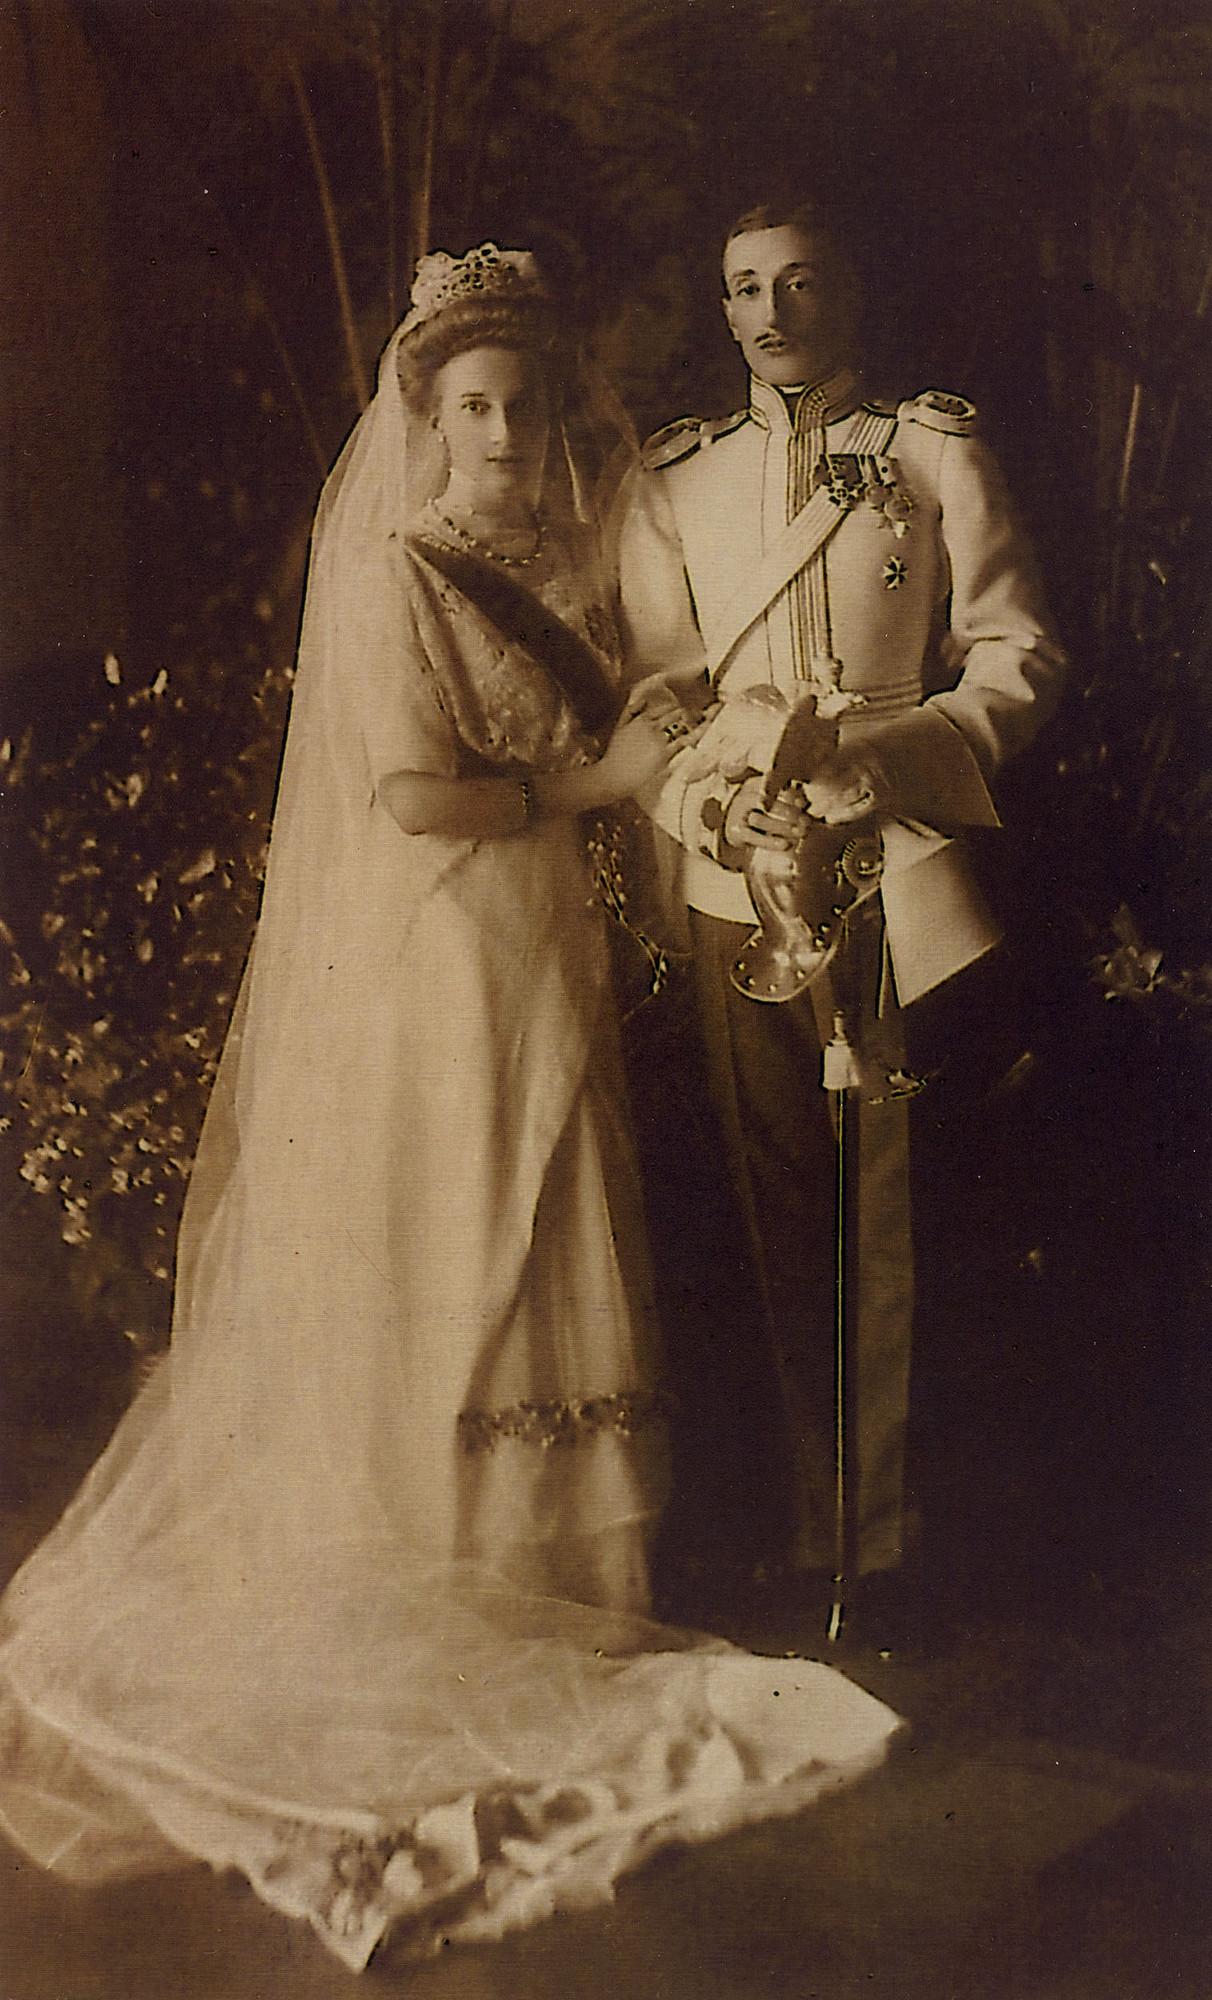 Сватбена снимка на грузинския княз Константин Багратион от Мухрани и княгиня Татяна Константиновна от Русия.